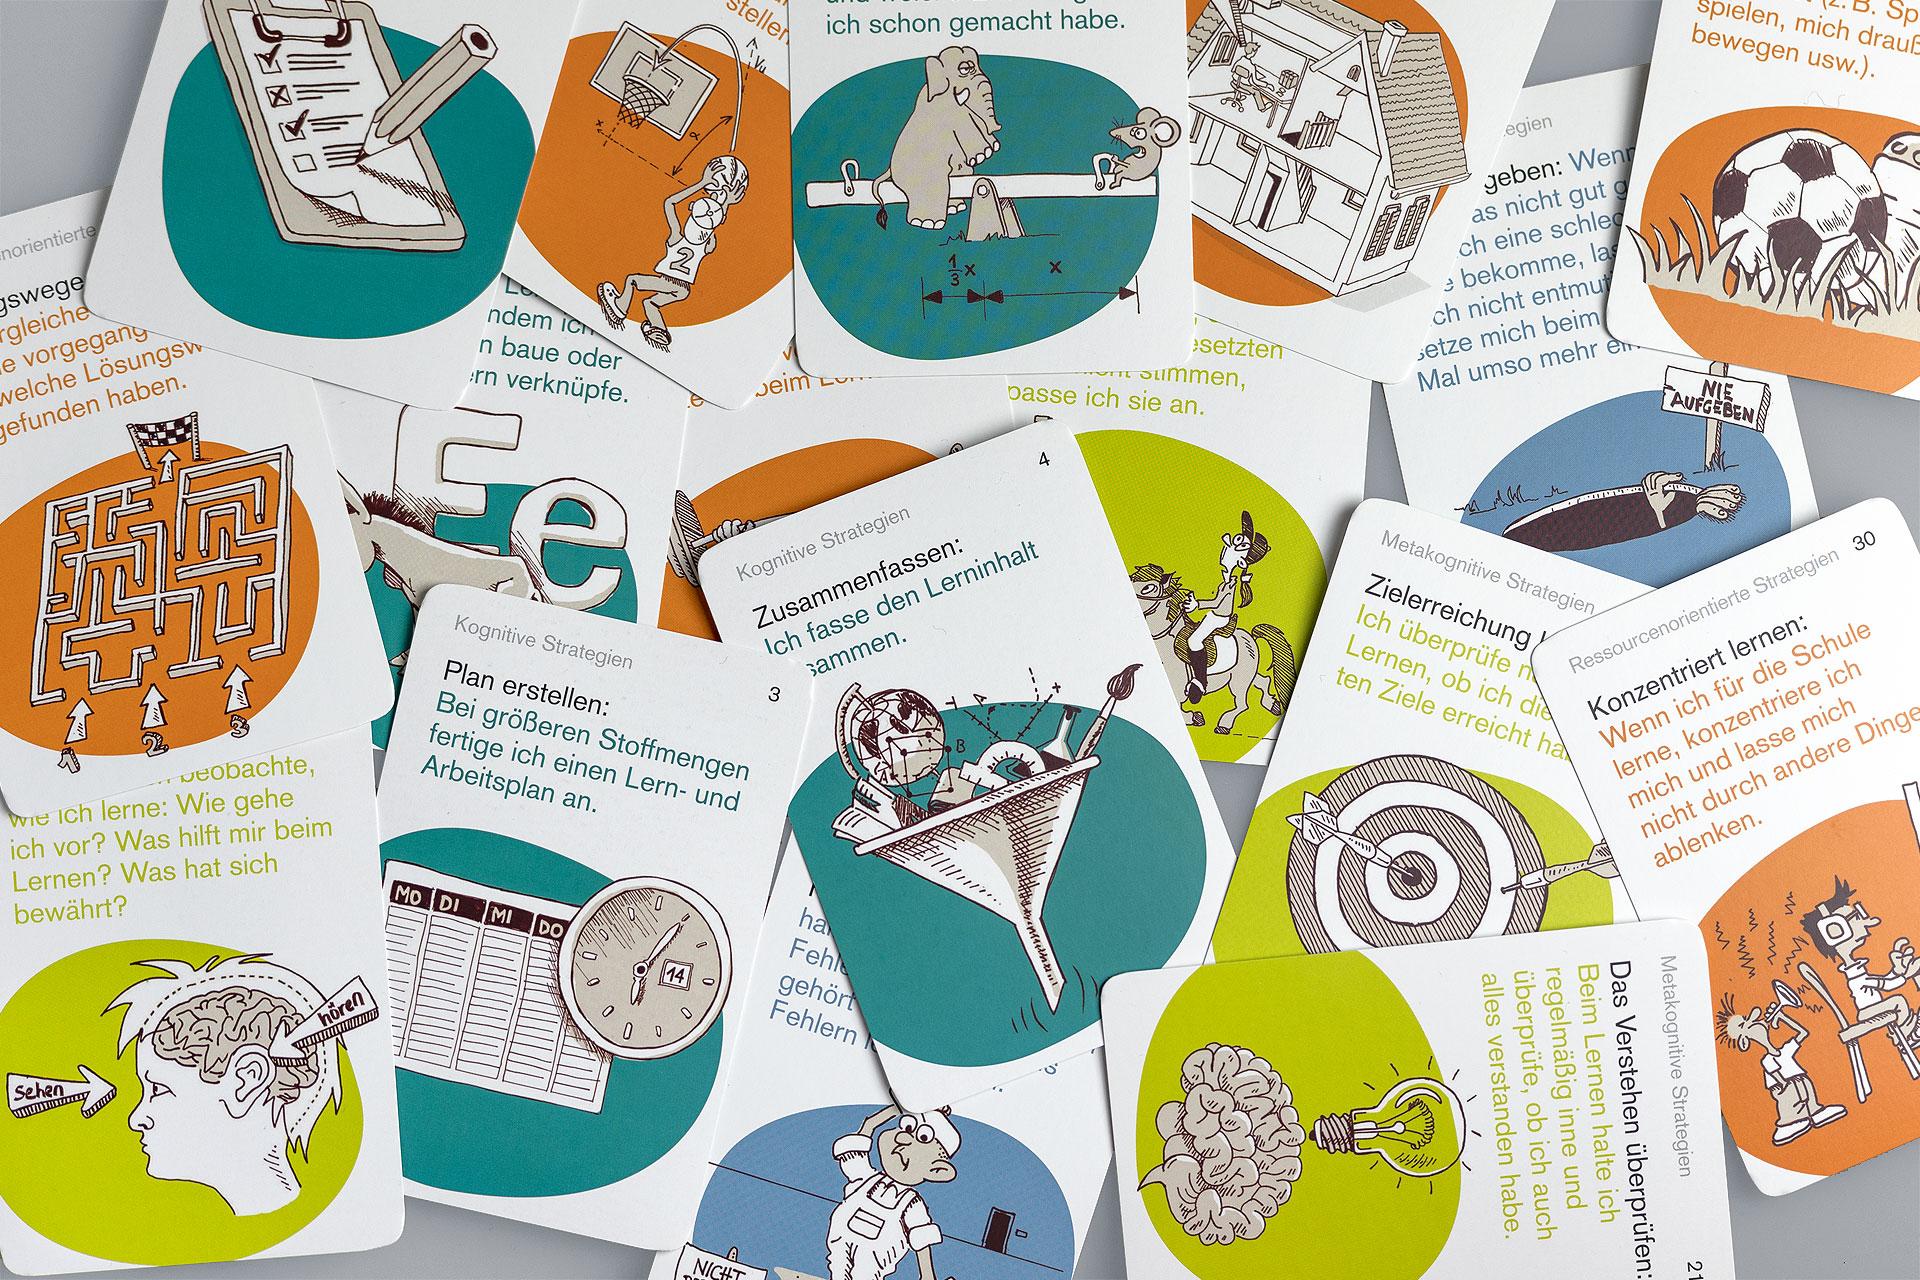 Karten aus dem Kartenset Lernstrategien verteilt auf dem Tisch